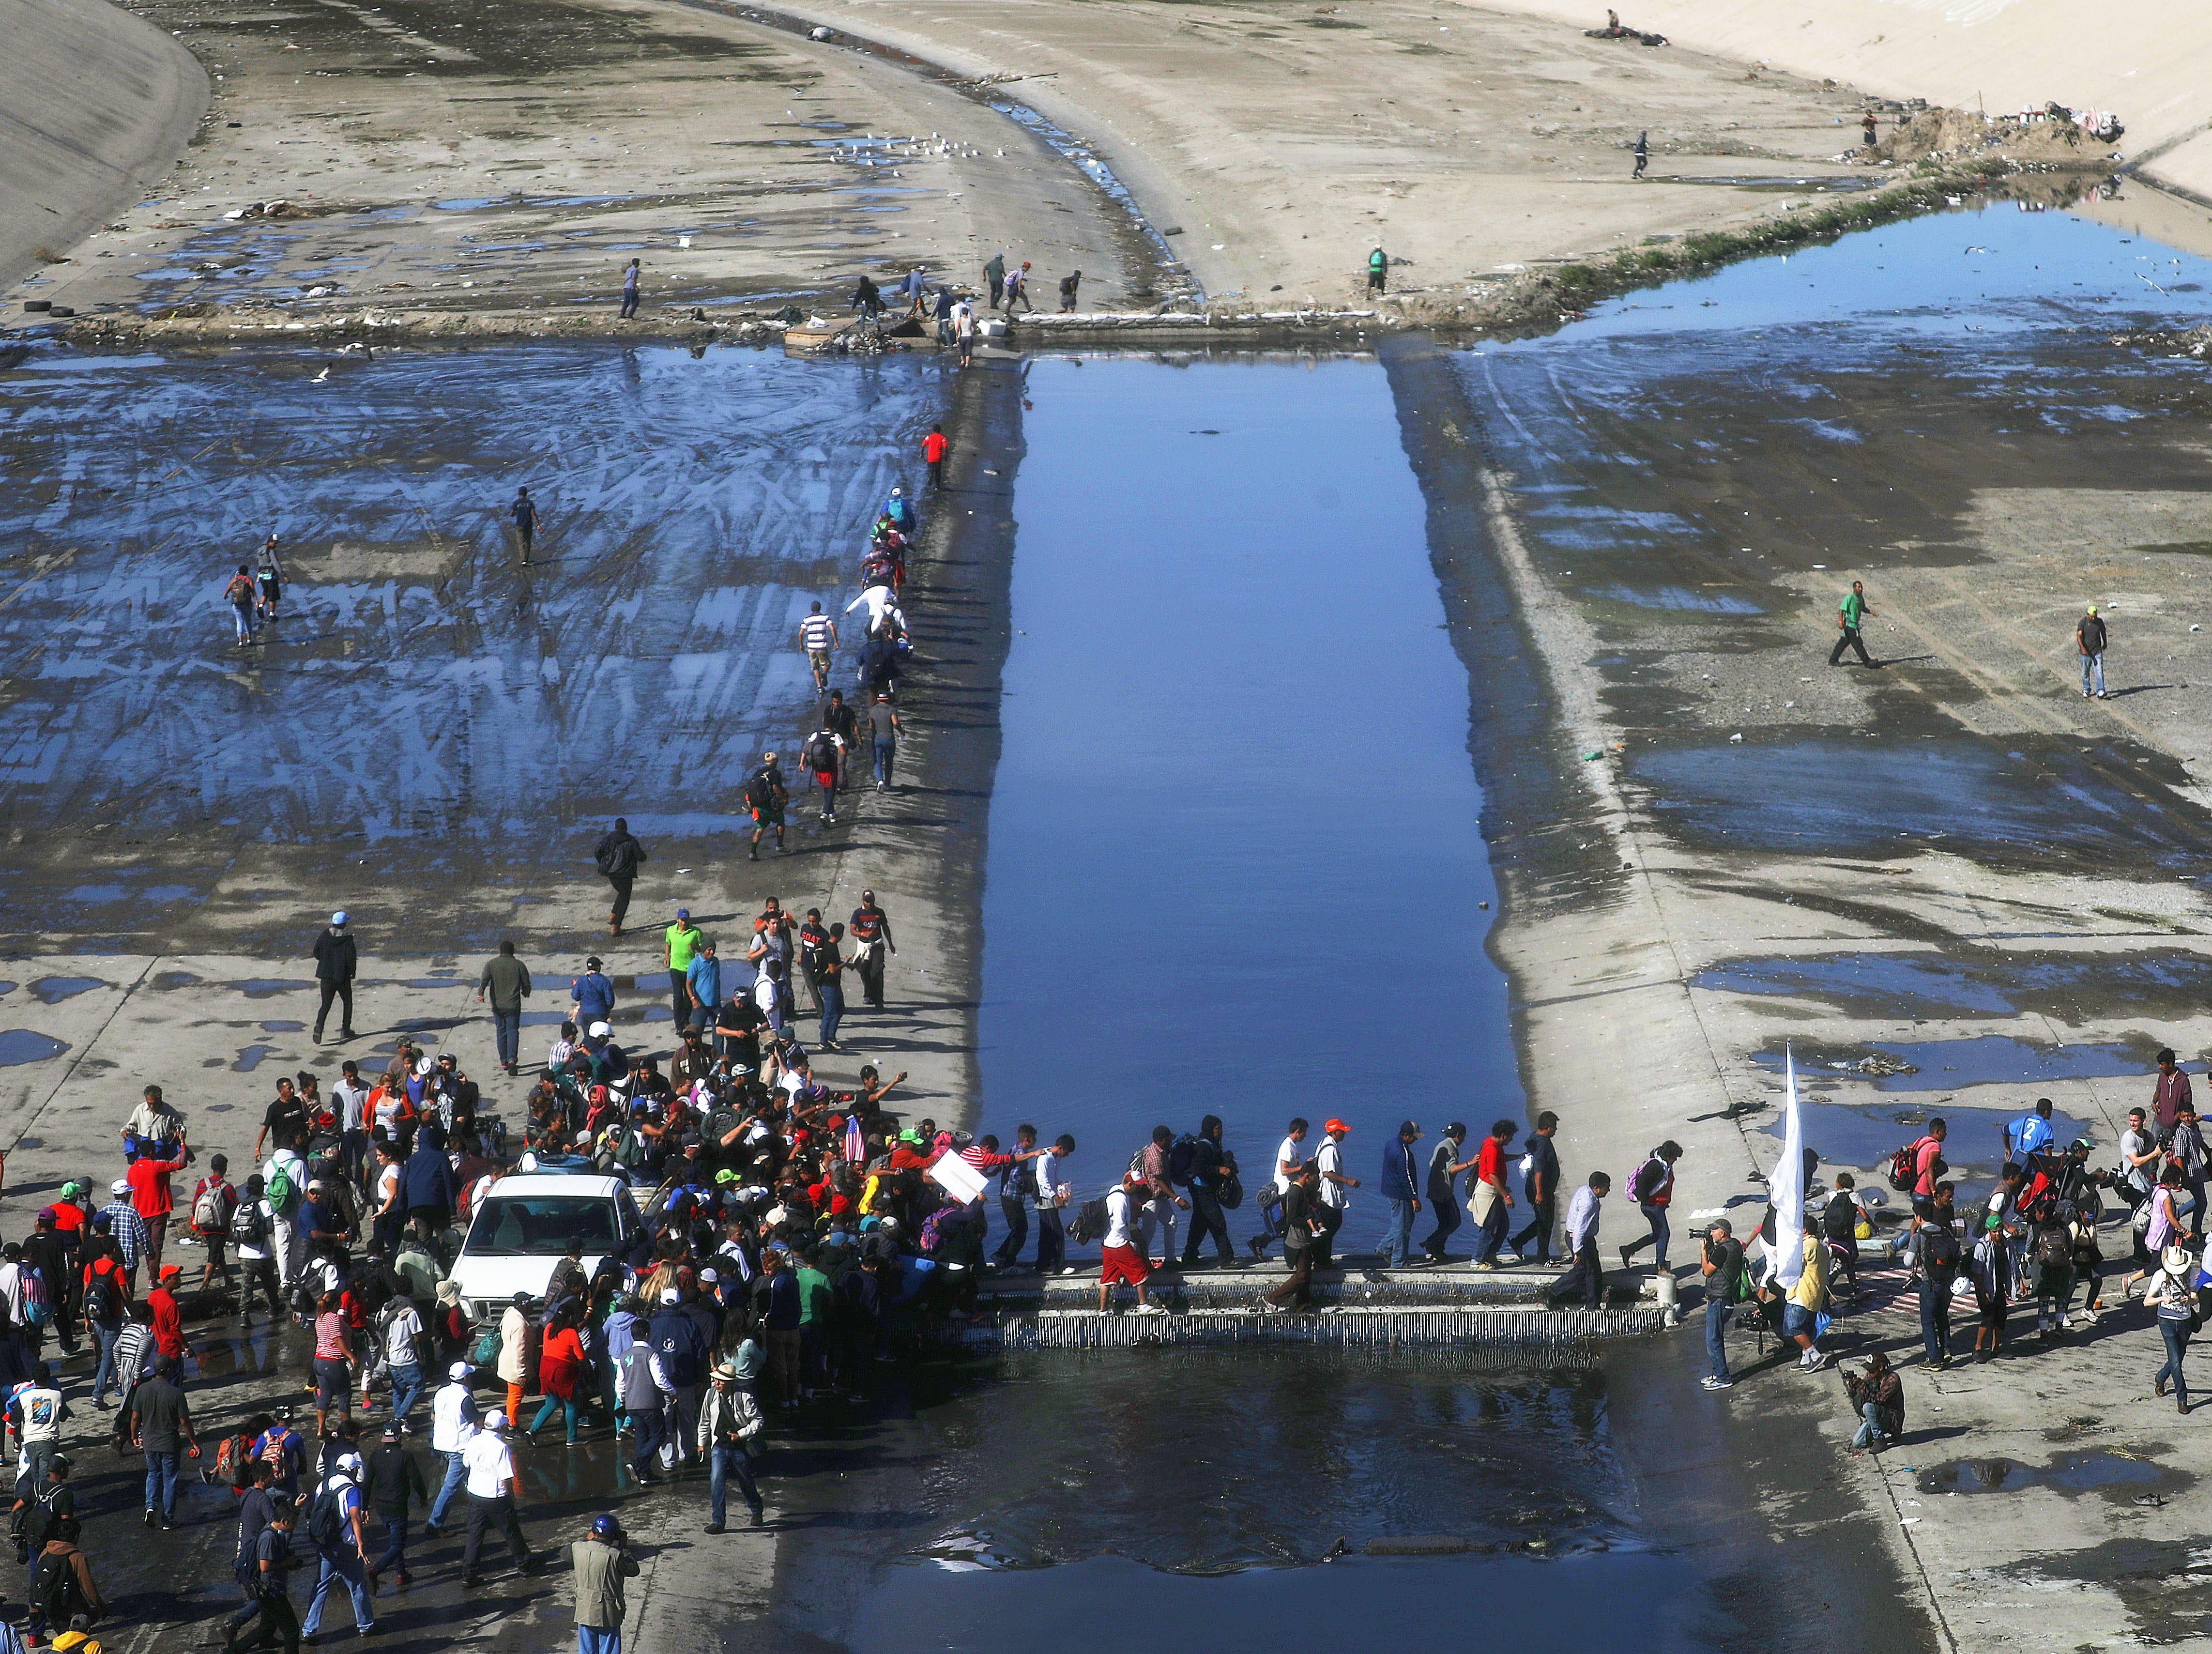 Los migrantes cruzan el río casi seco de Tijuana mientras avanzan alrededor de un bloqueo policial hacia el puerto de entrada de El Chaparral el 25 de noviembre de 2018 en Tijuana, México.